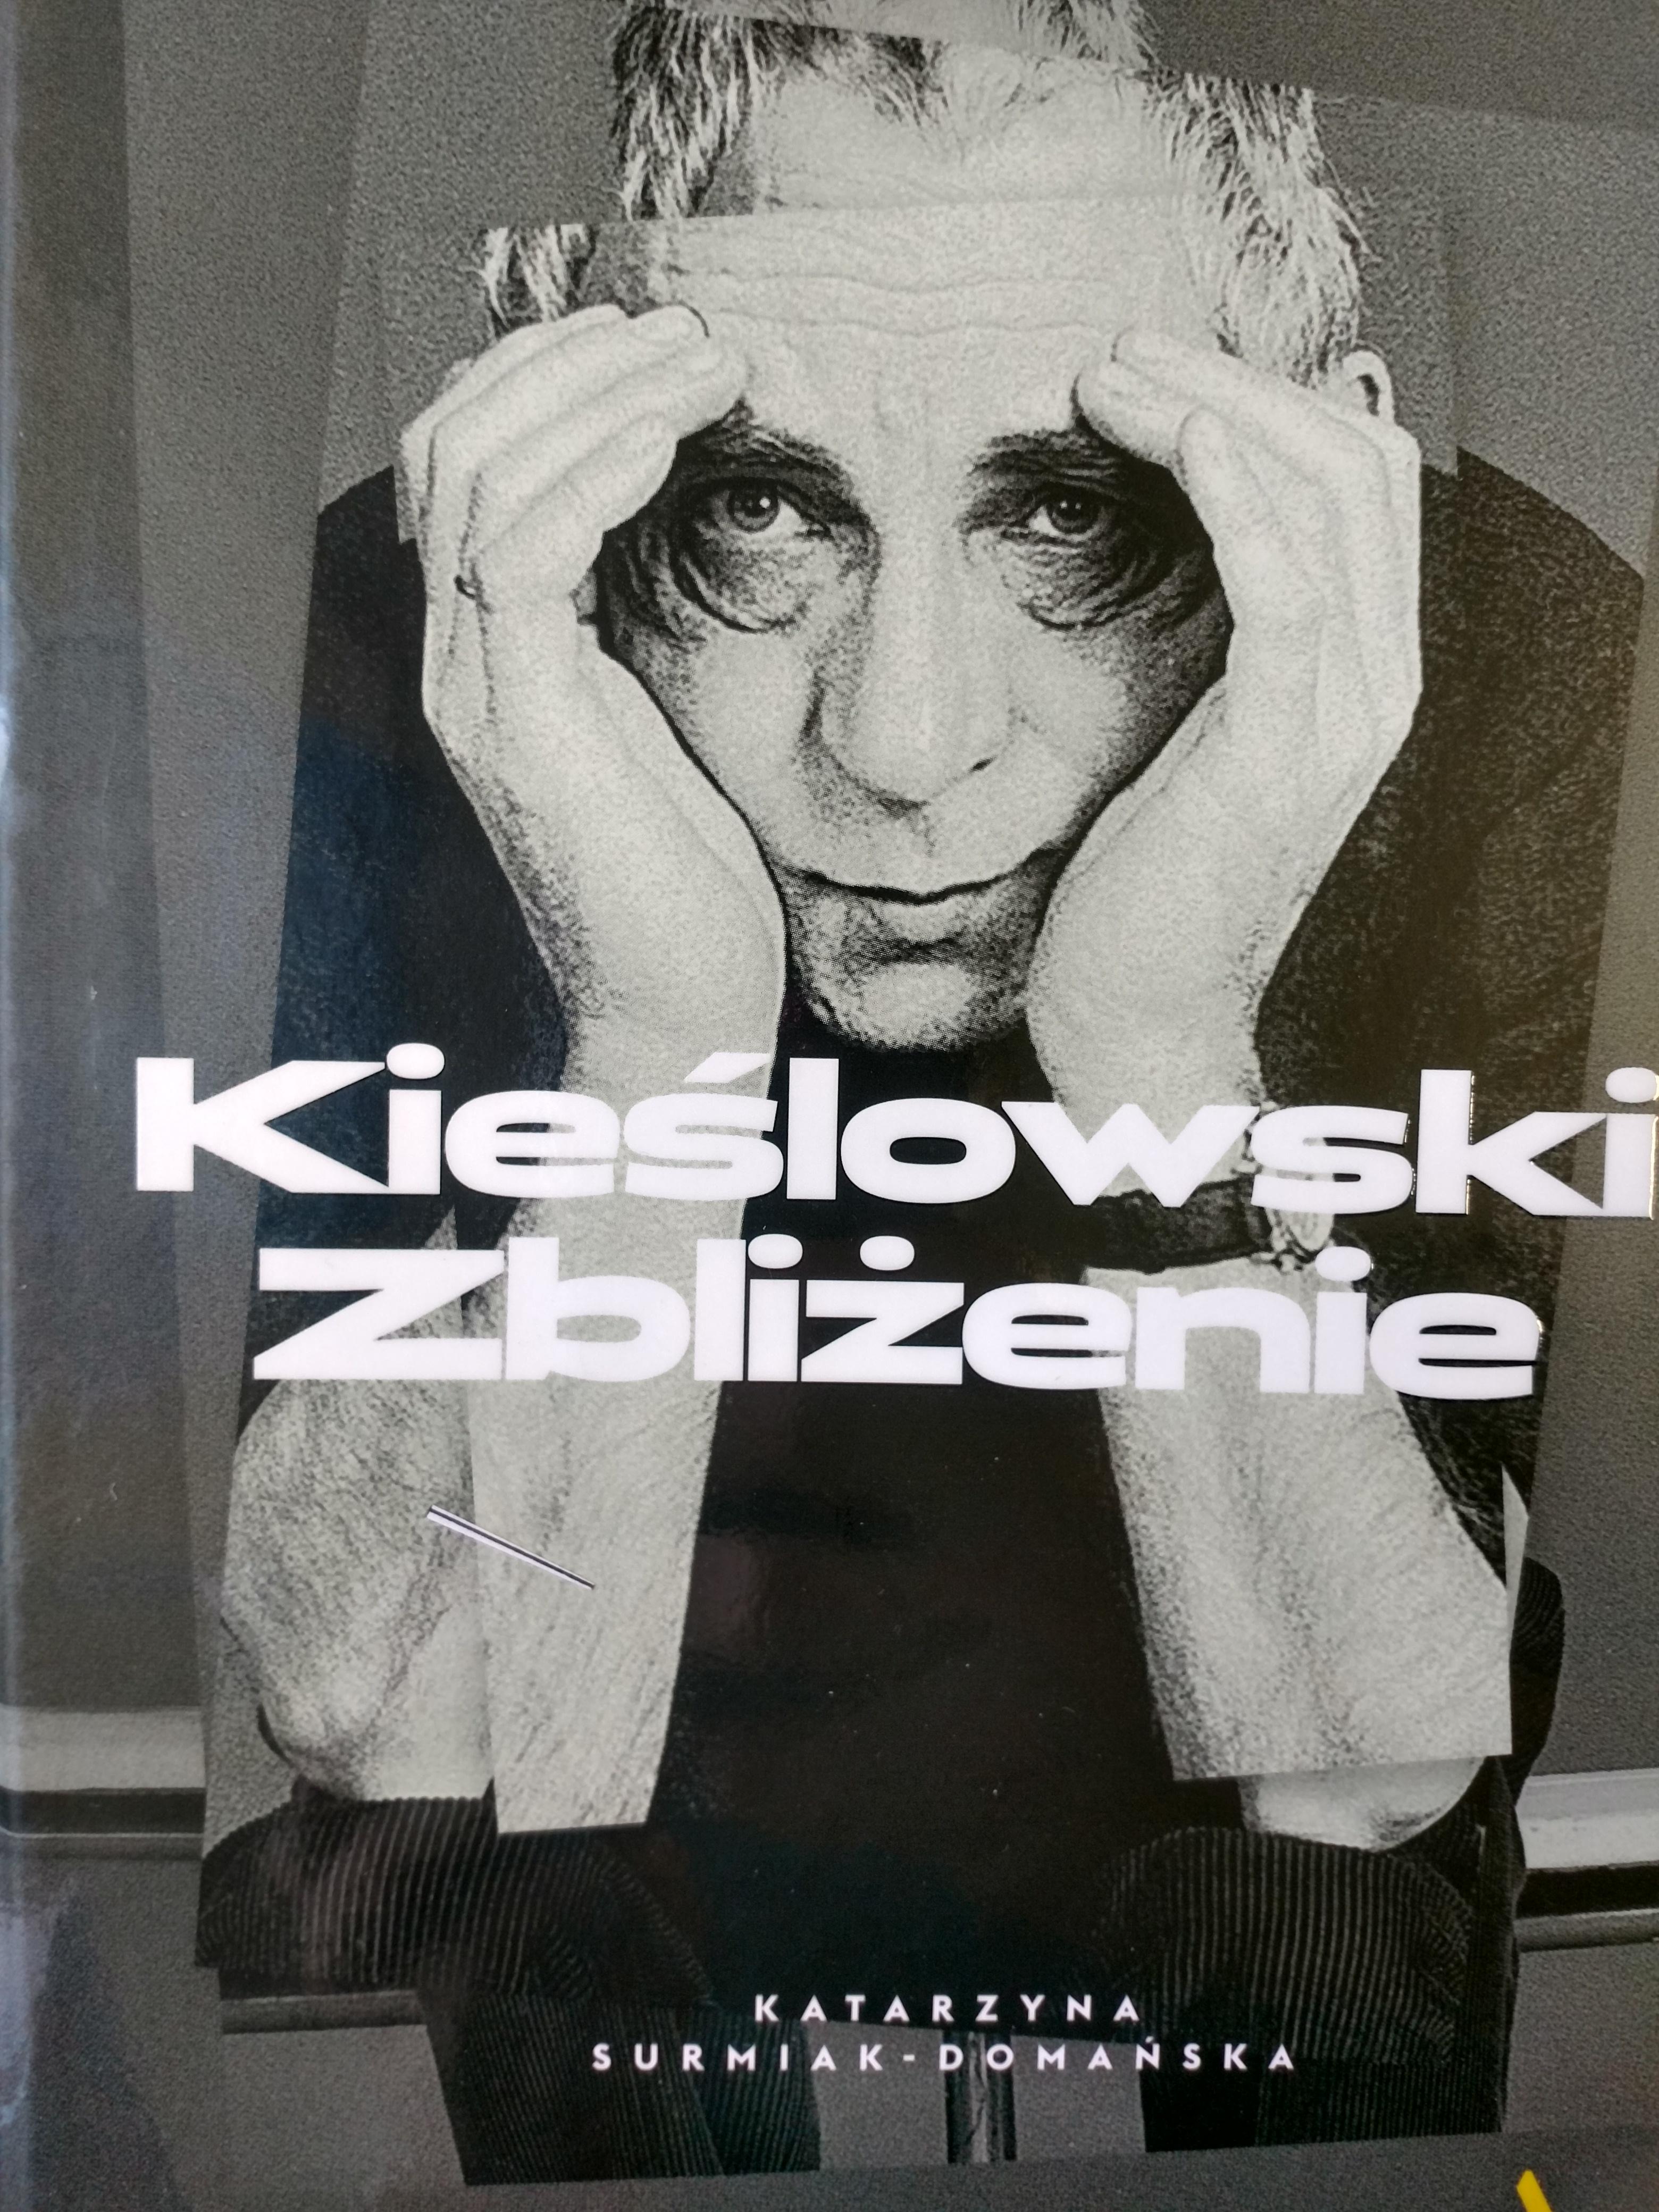 Kieślowski : zbliżenie / - Katarzyna Surmiak-Domańska